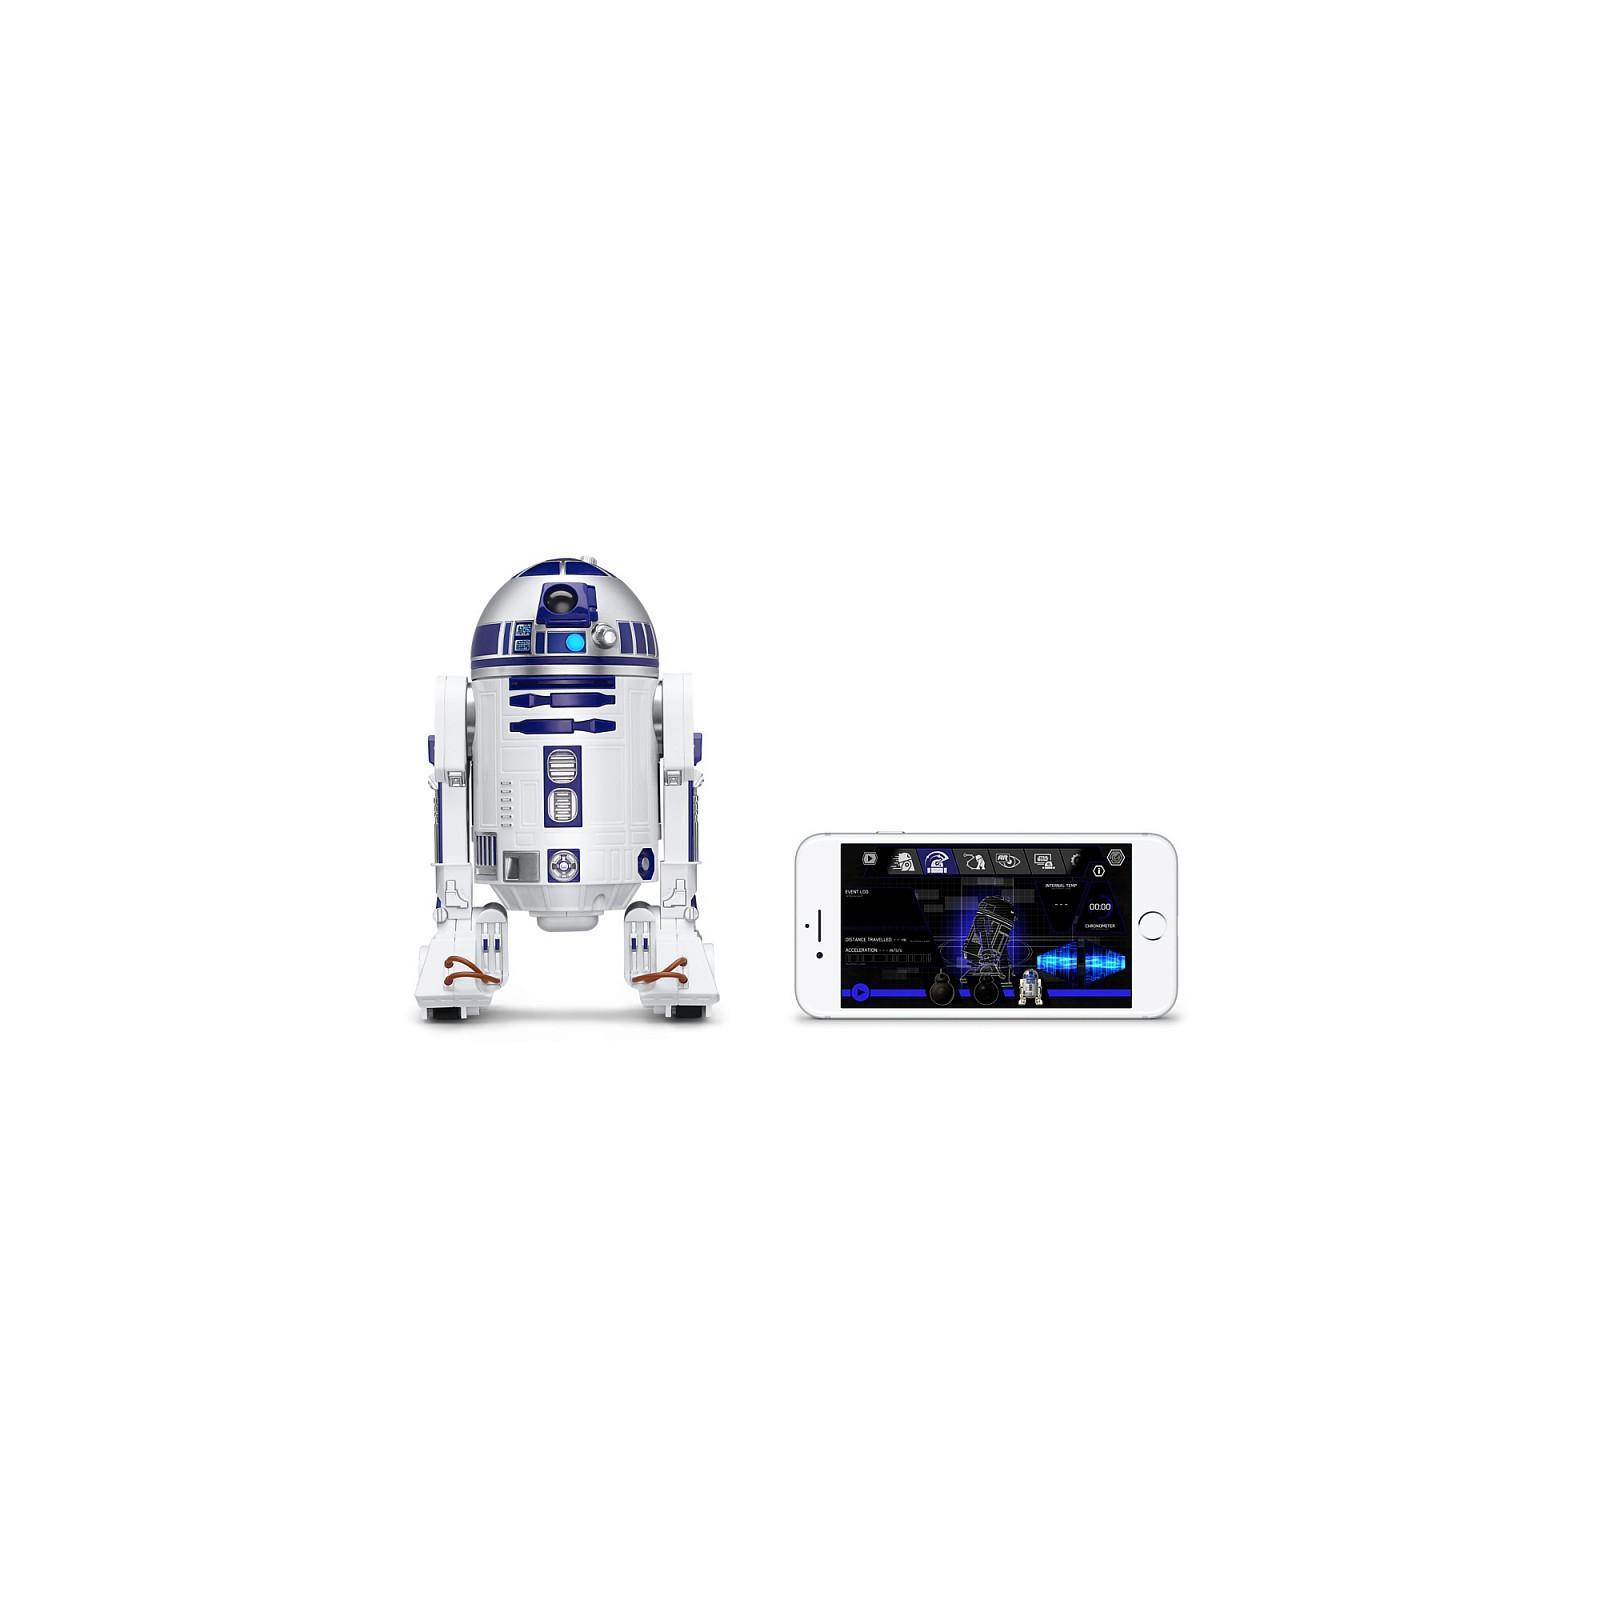 Робот Sphero R2-D2 (322658) изображение 4